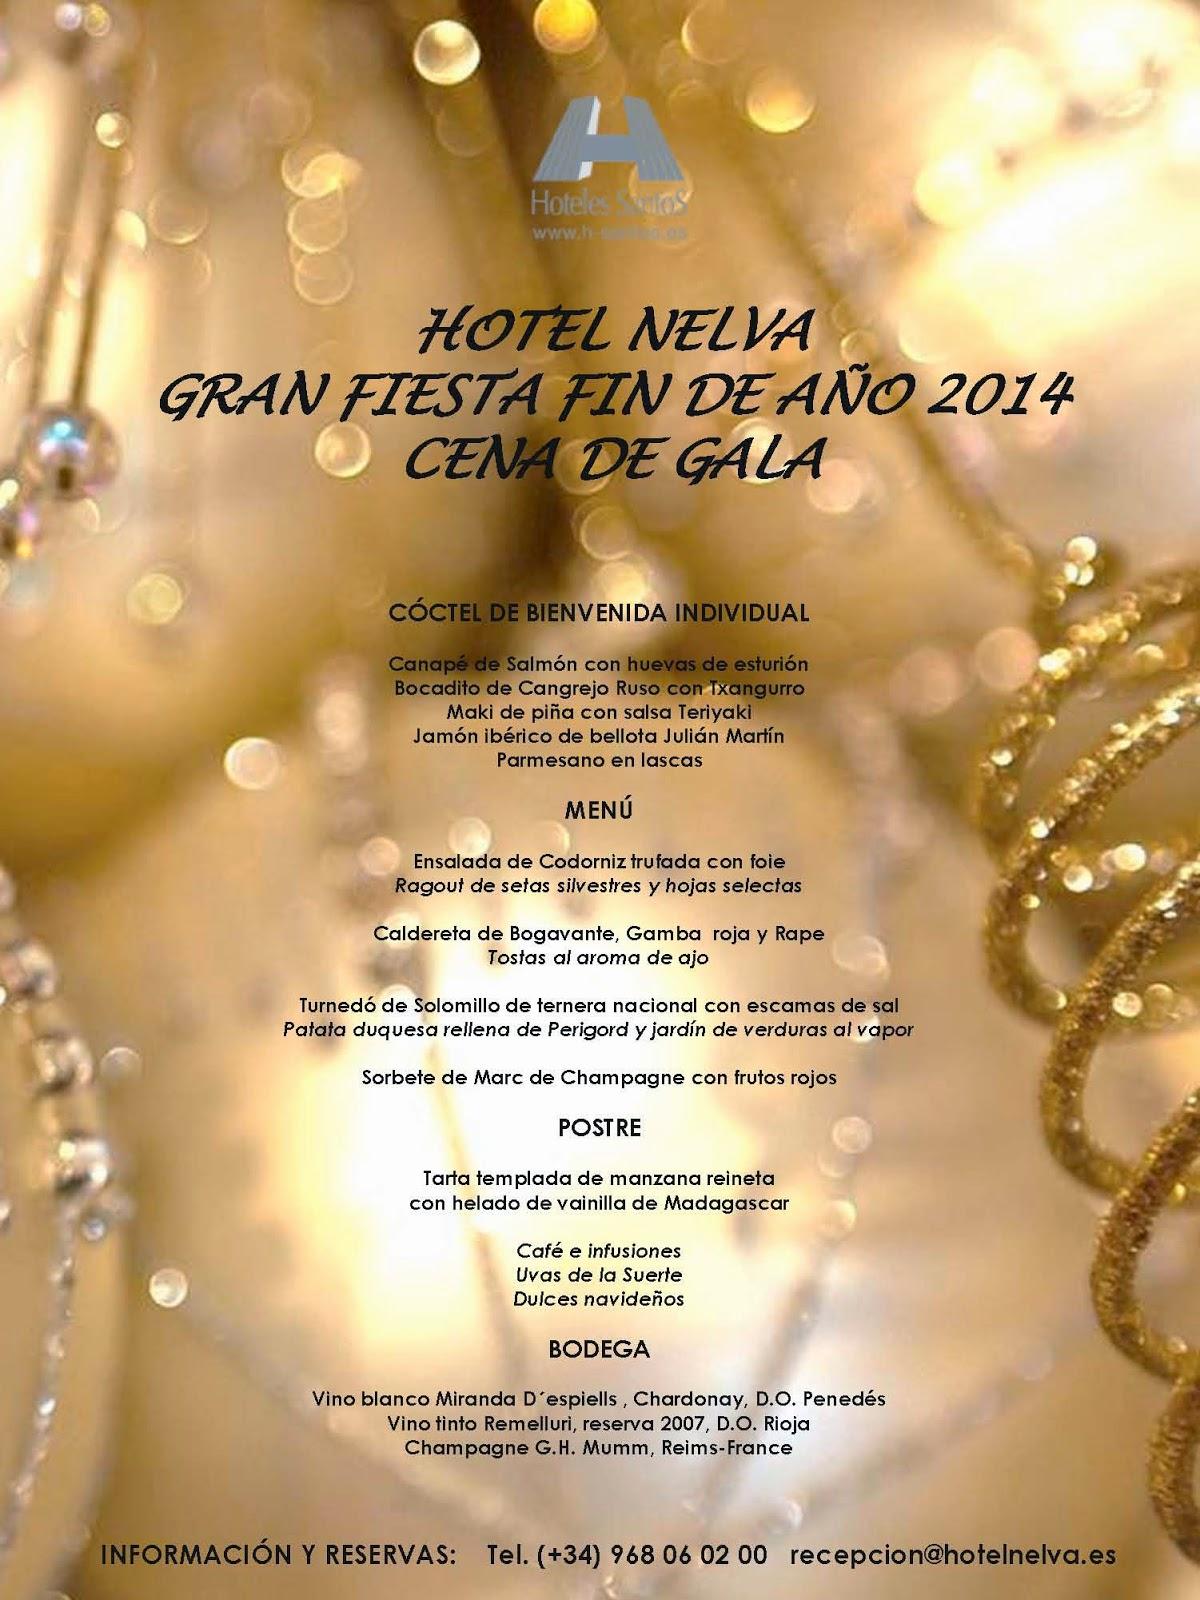 Blog del hotel santos nelva gran cena de gala - Cena para noche vieja ...